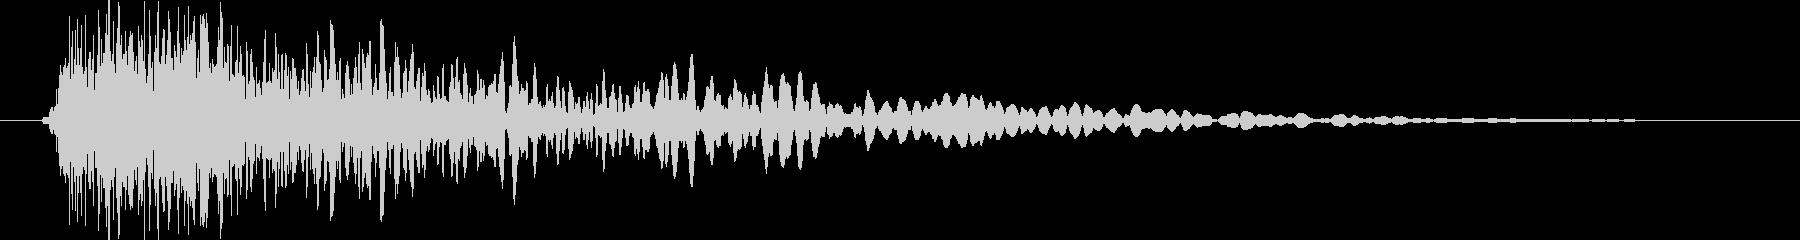 金属 衝撃音の未再生の波形